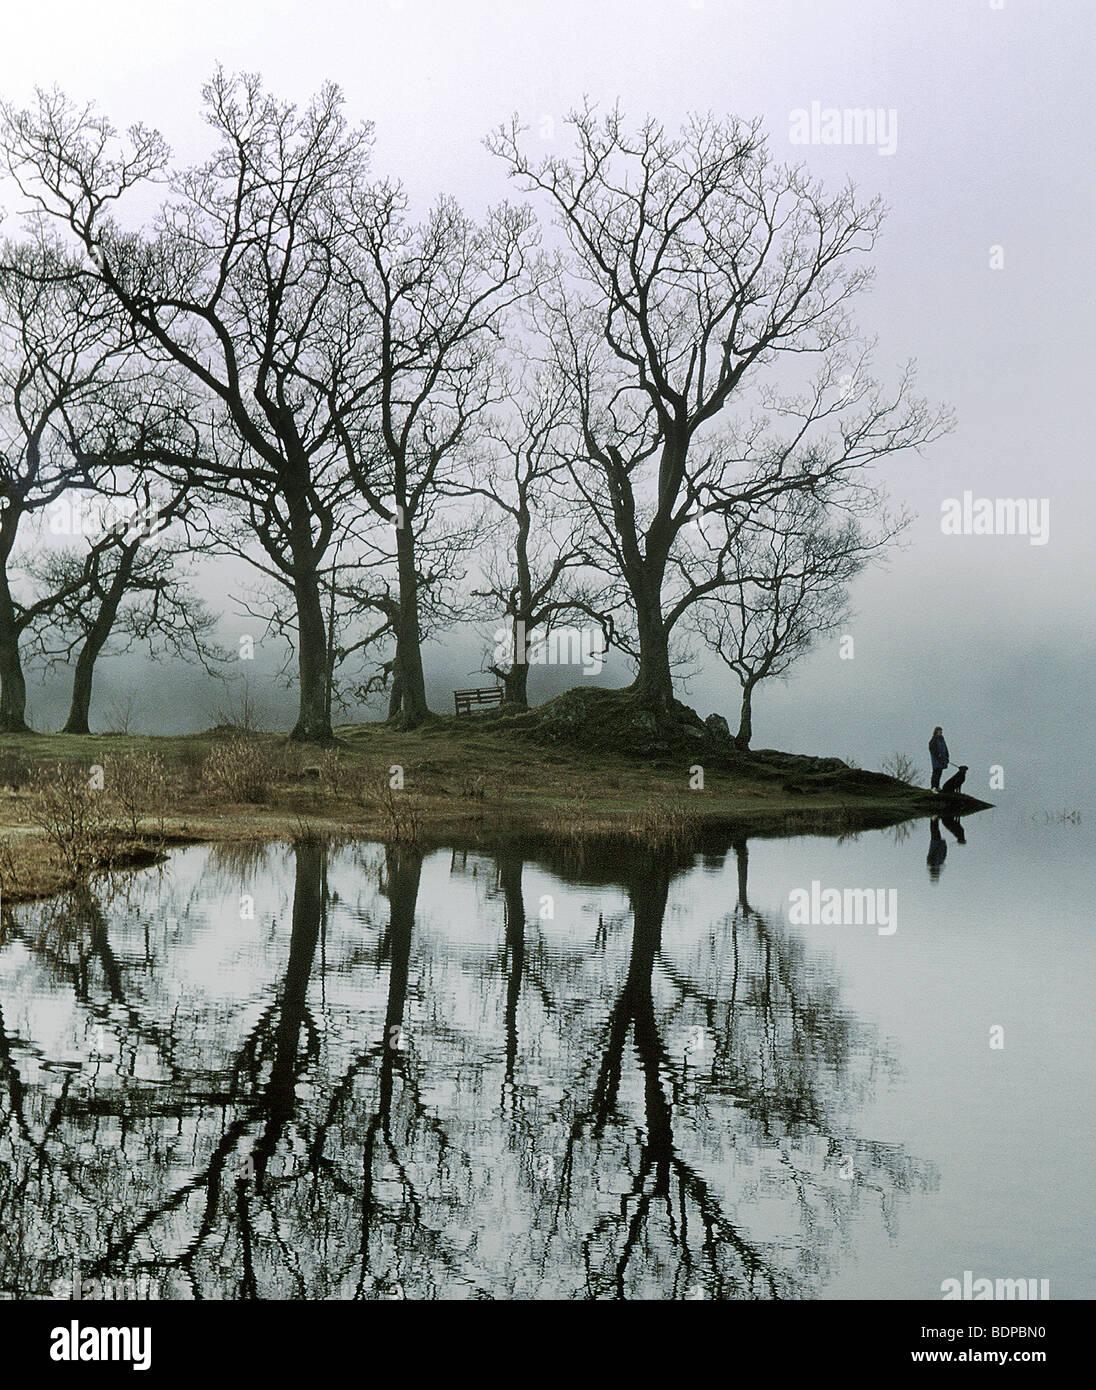 Une figure avec un chien debout à côté d'un lac avec des arbres Photo Stock